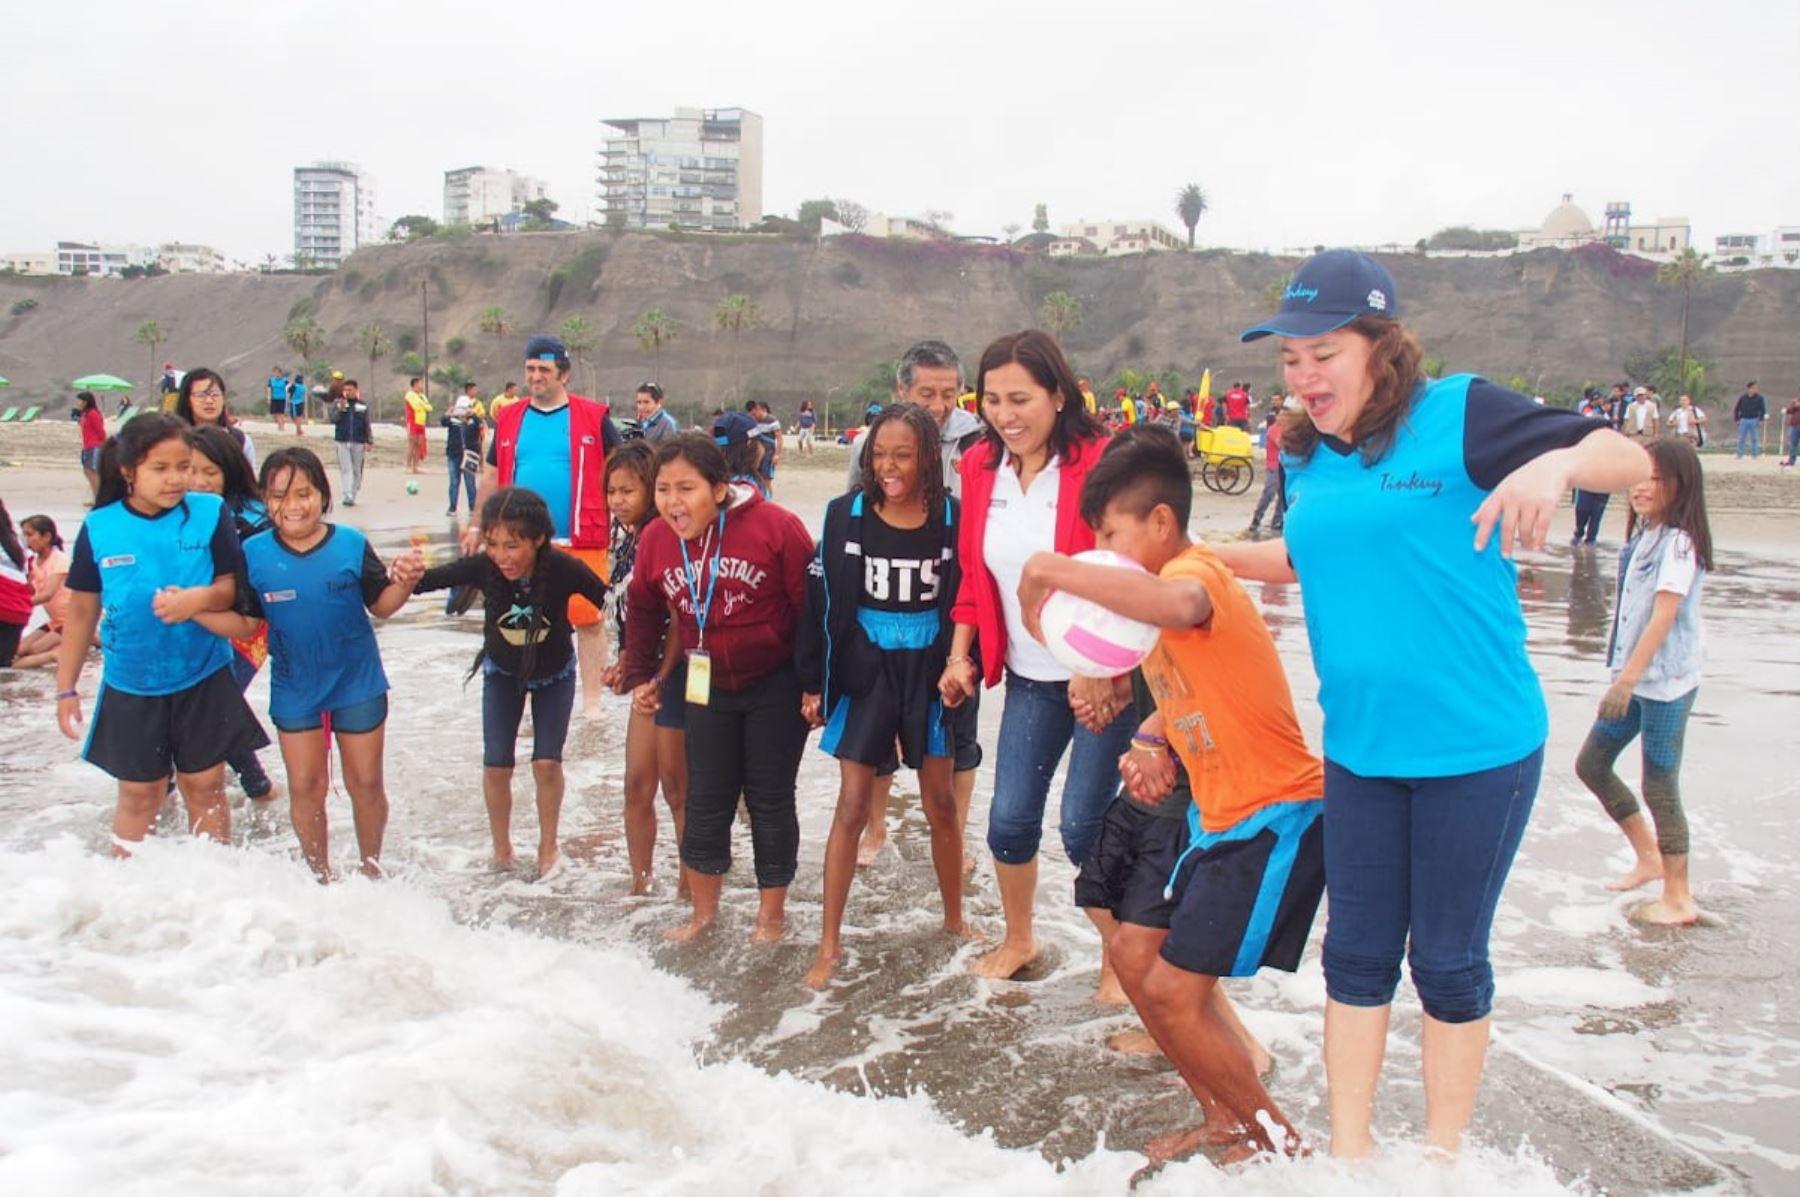 La ministra acompañó a los escolares de pueblos originarios y afroperuanos que participan en el Tinkuy 2019 a conocer el mar.